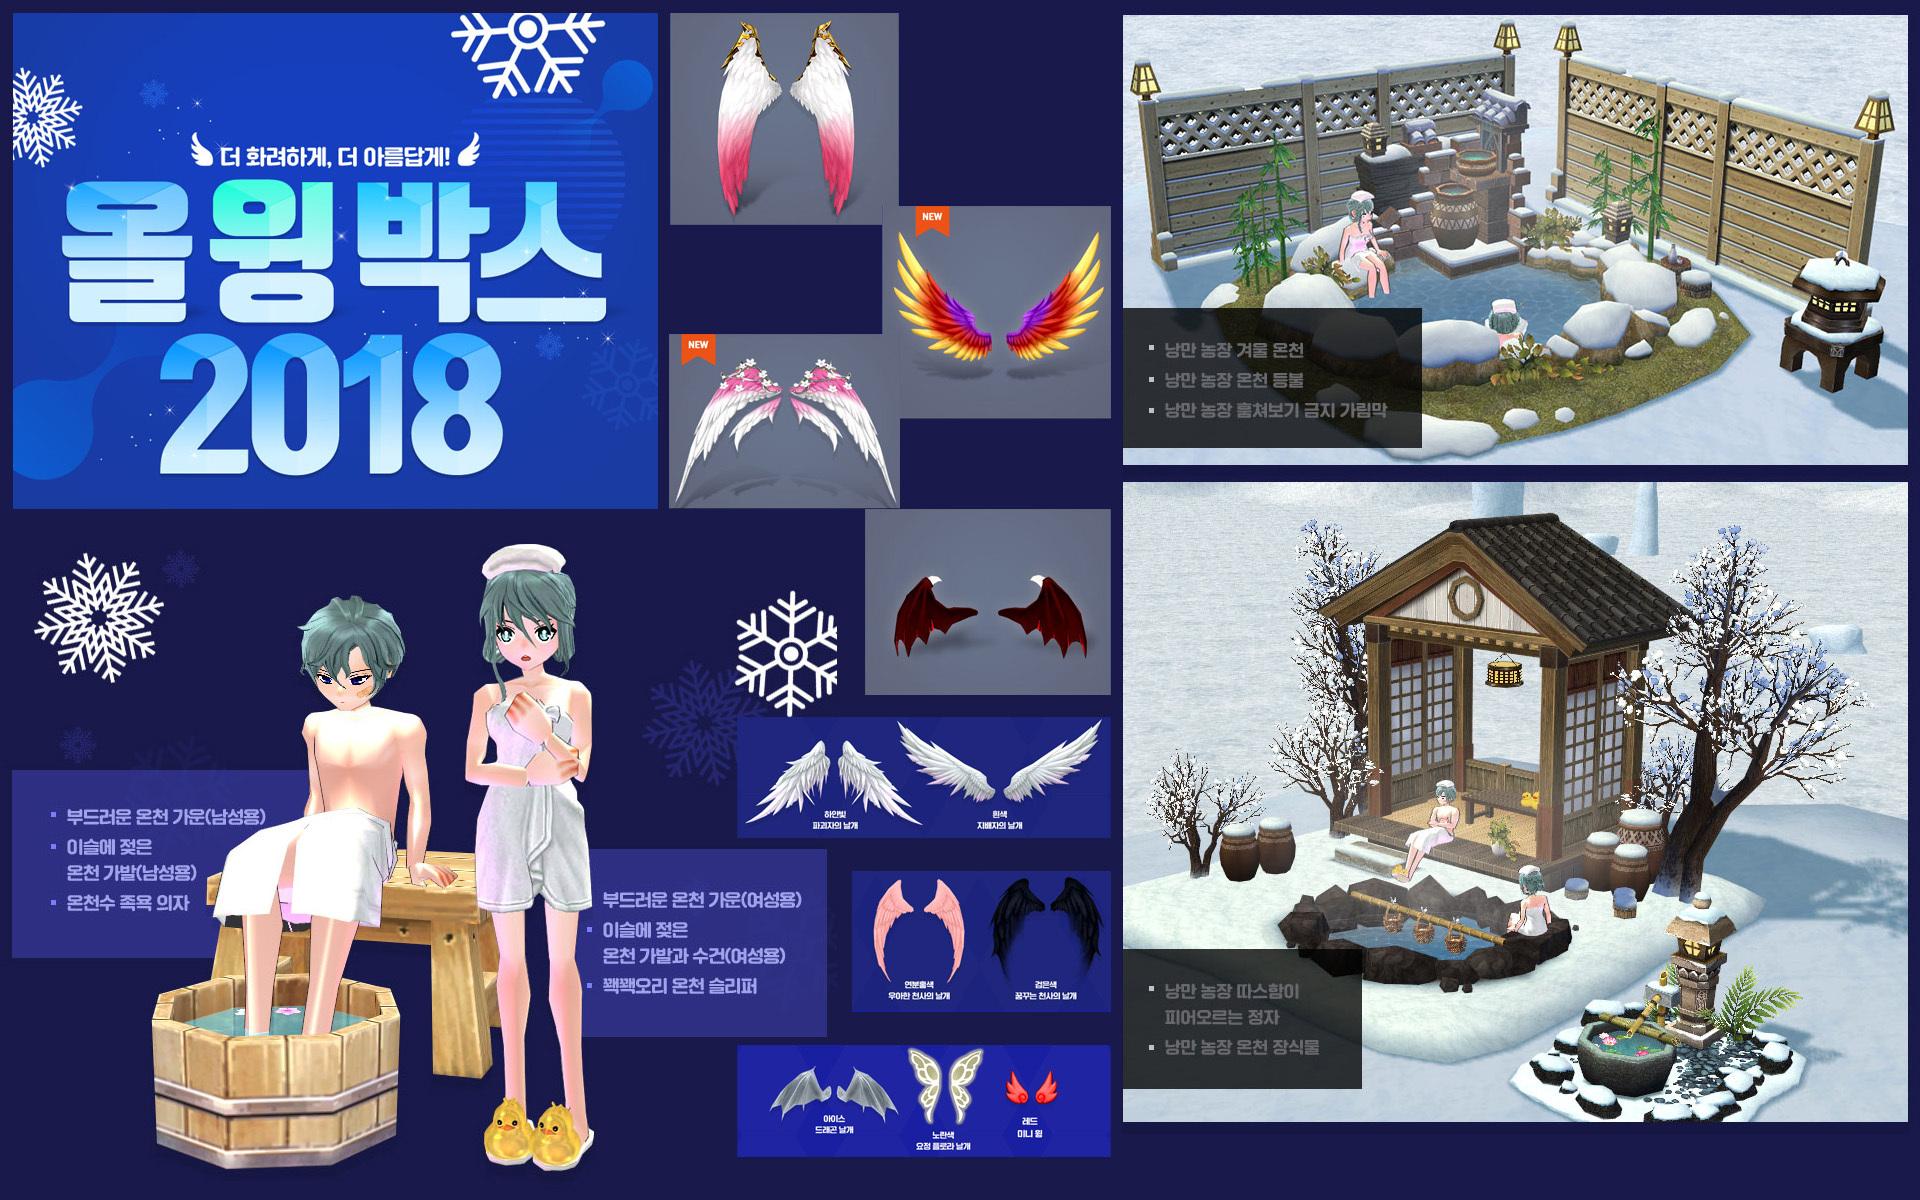 韓国マビの露天風呂1